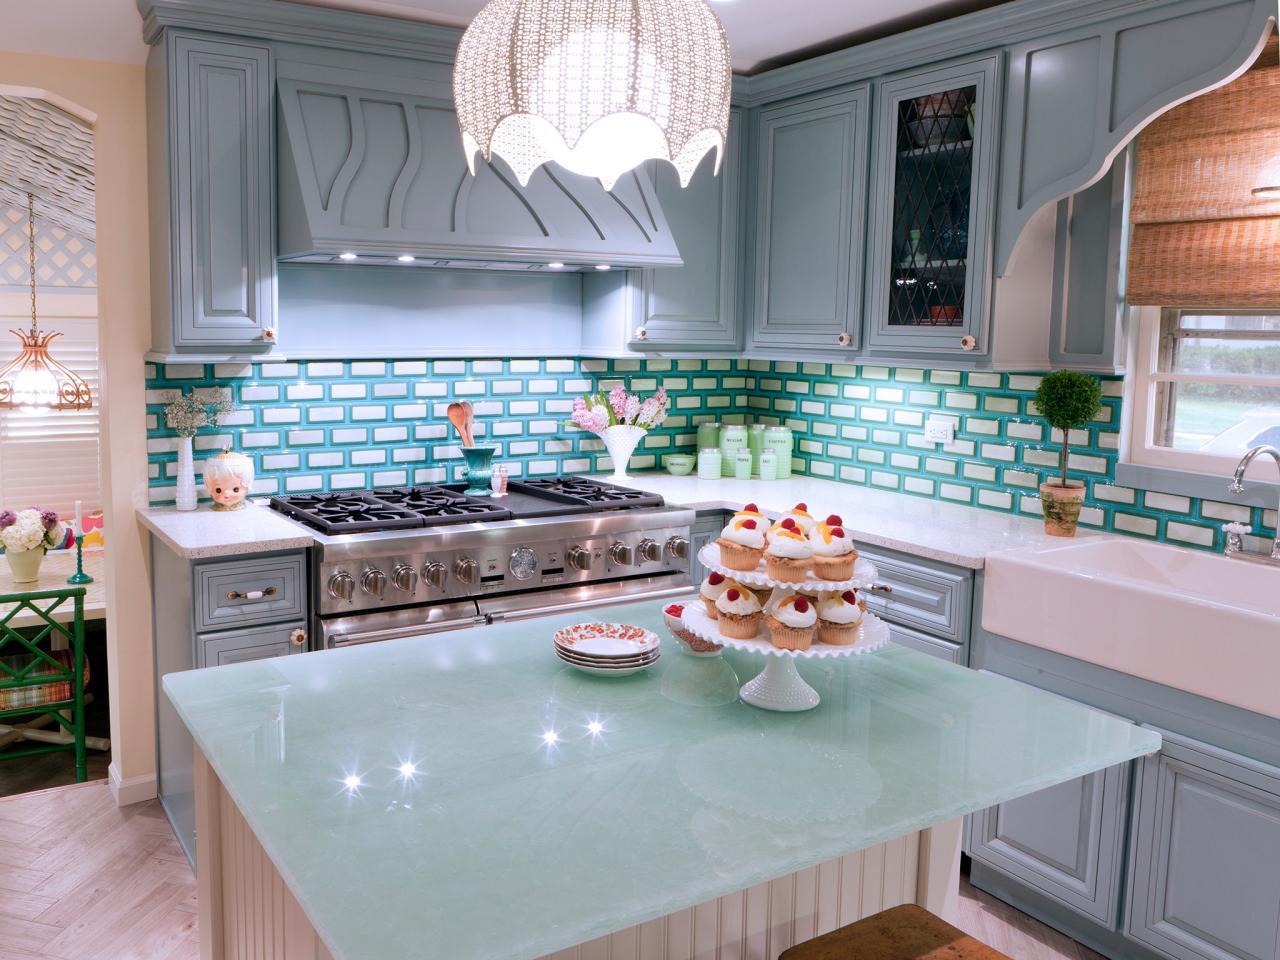 glas-køkken-countertops_s4x3-jpg-rend-hgtvcom-1280-960